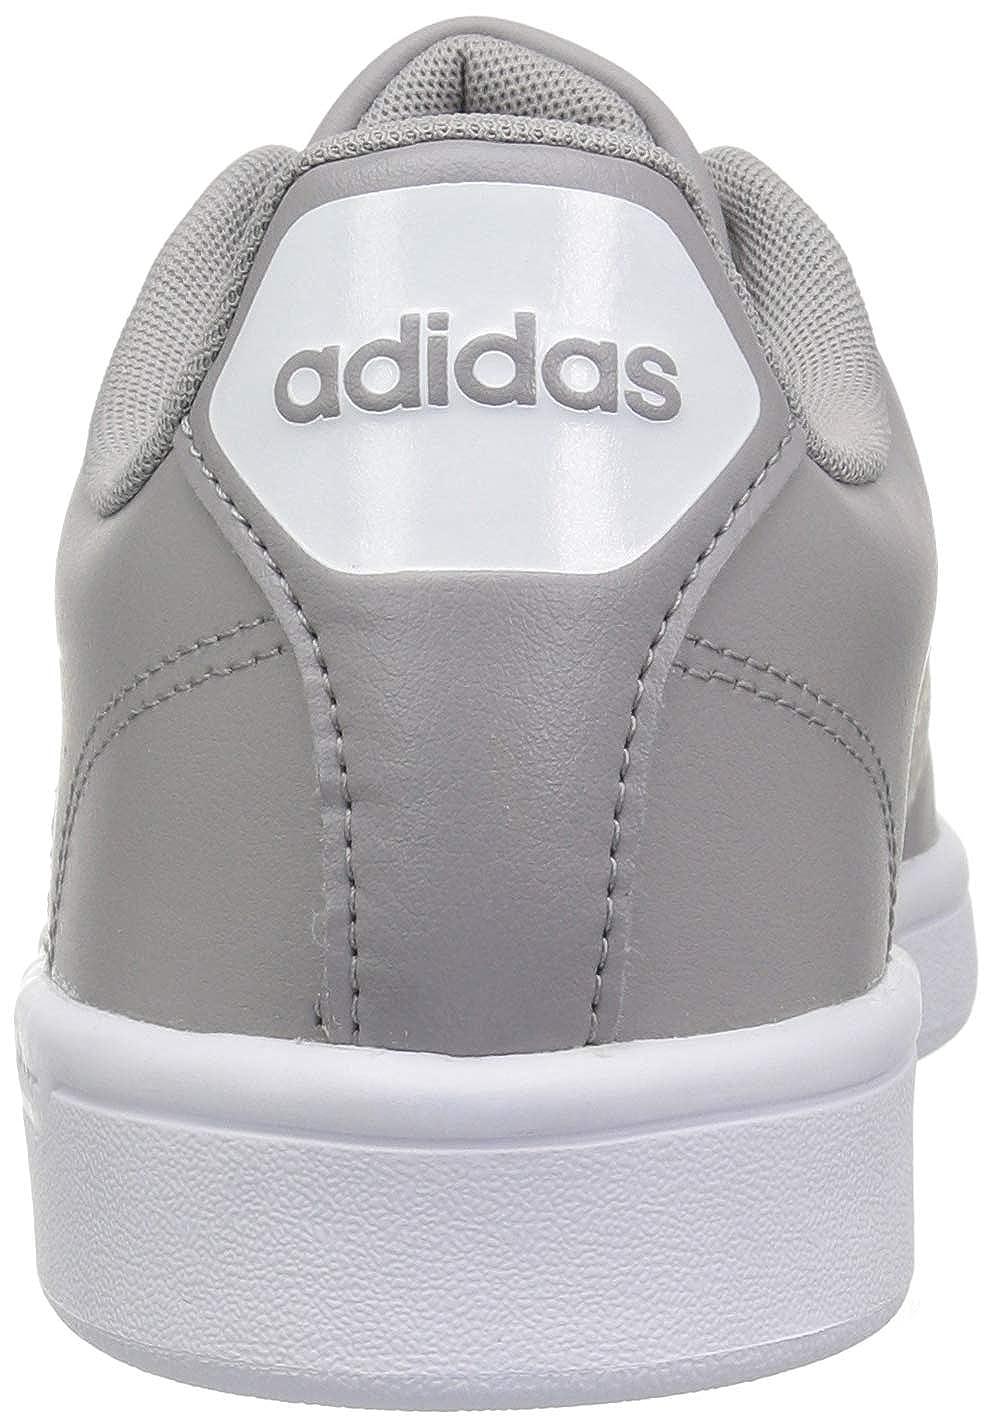 3fcad7f8c35 adidas Originals Women s Cf Advantage Sneaker